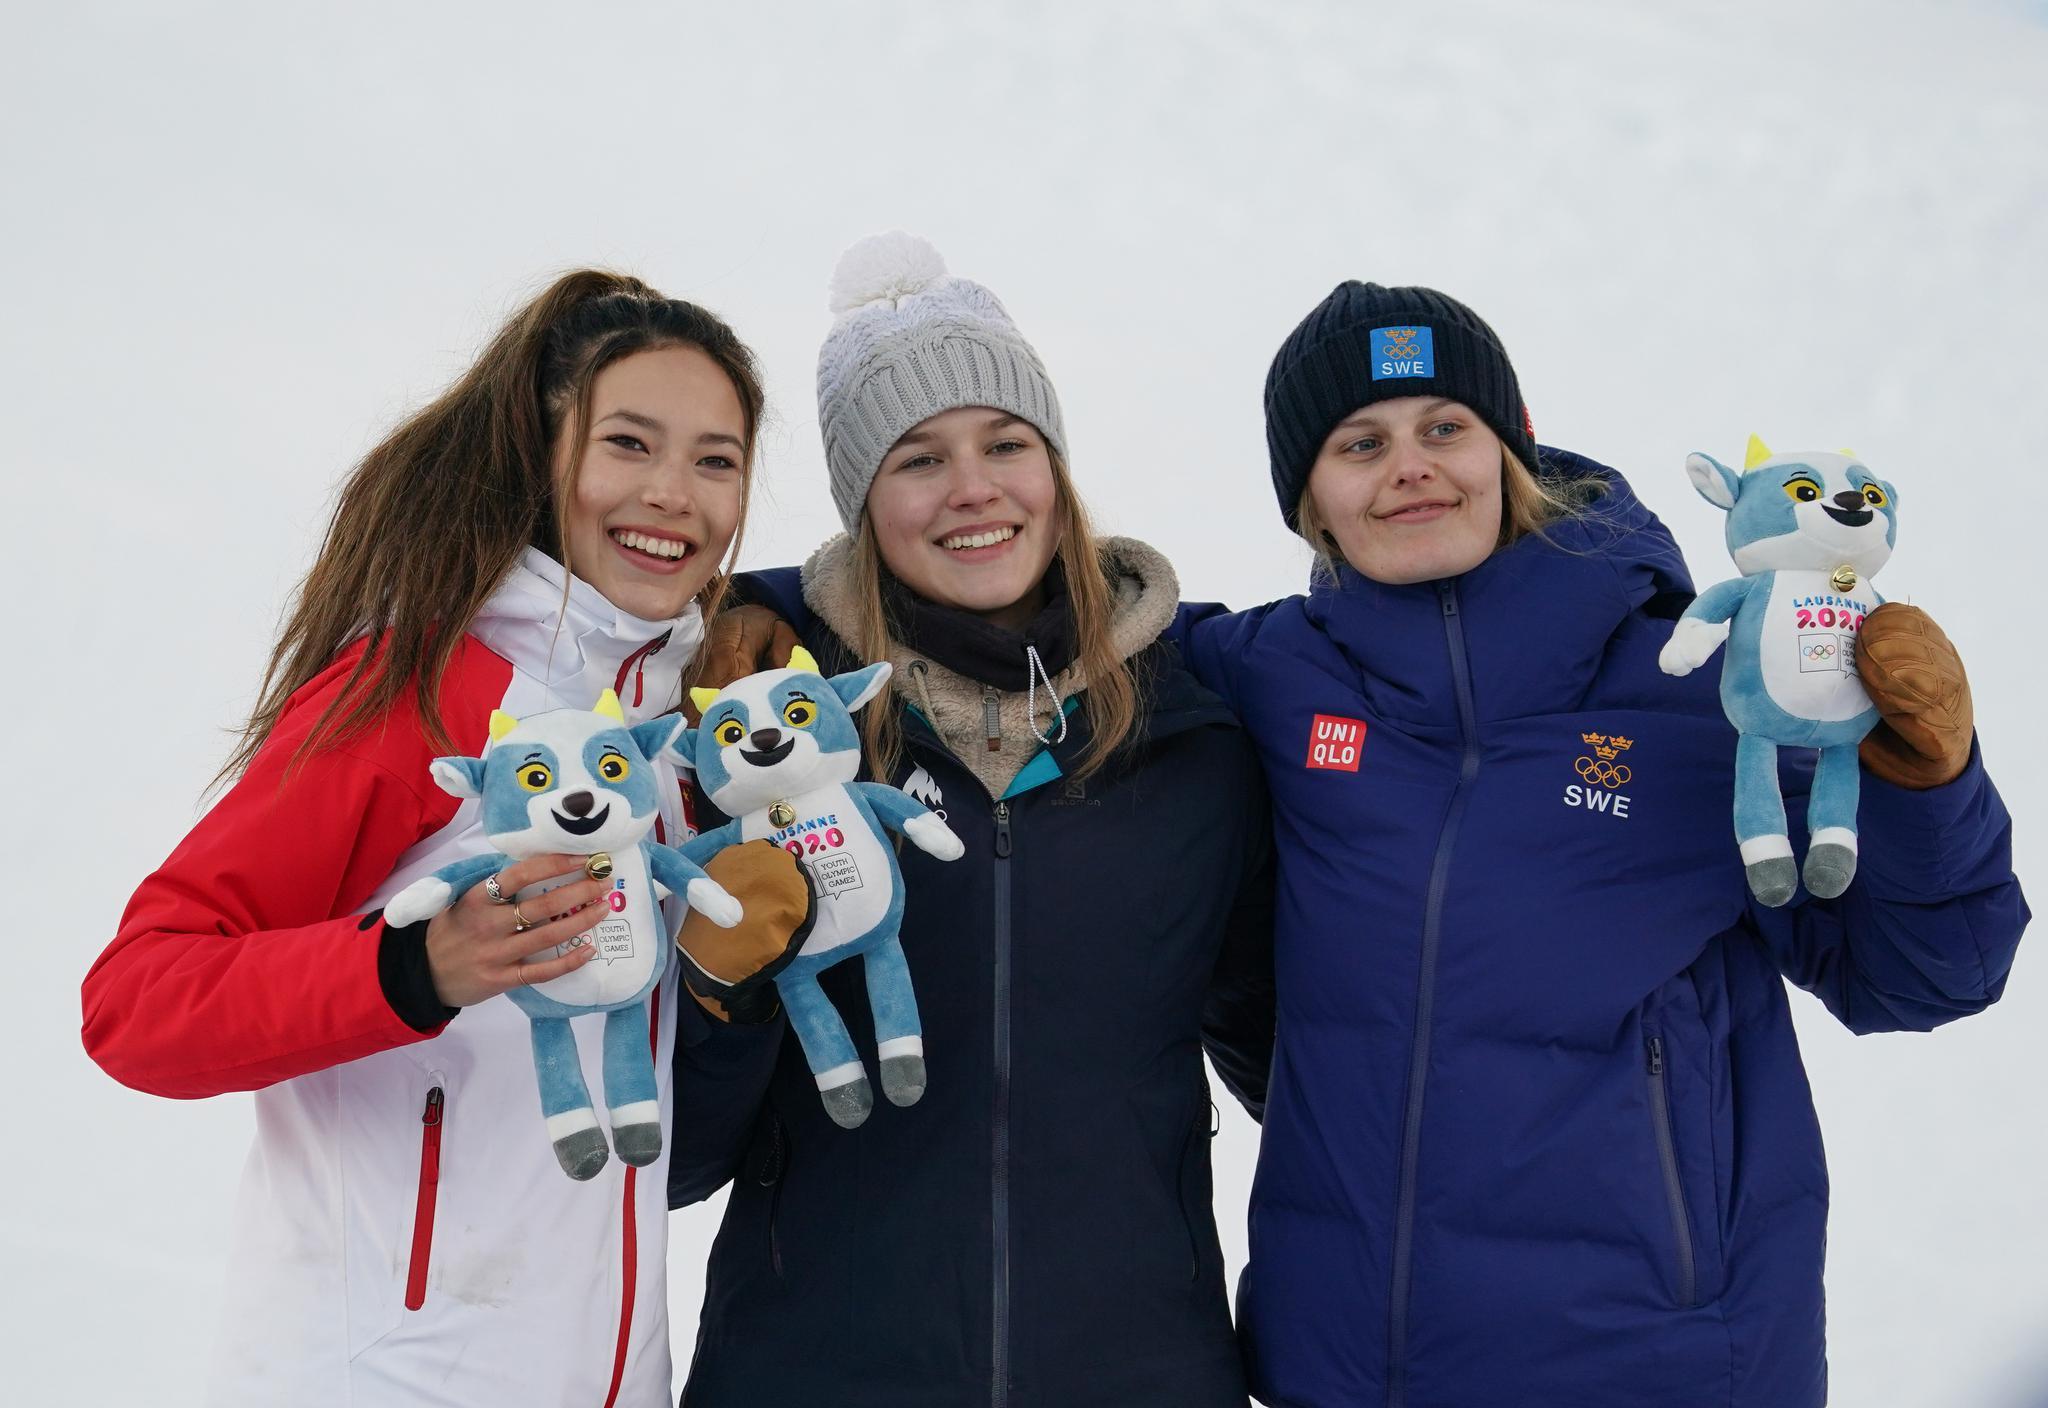 自由式滑雪——爱沙尼亚选手西尔达鲁获女子坡面障碍技巧冠军